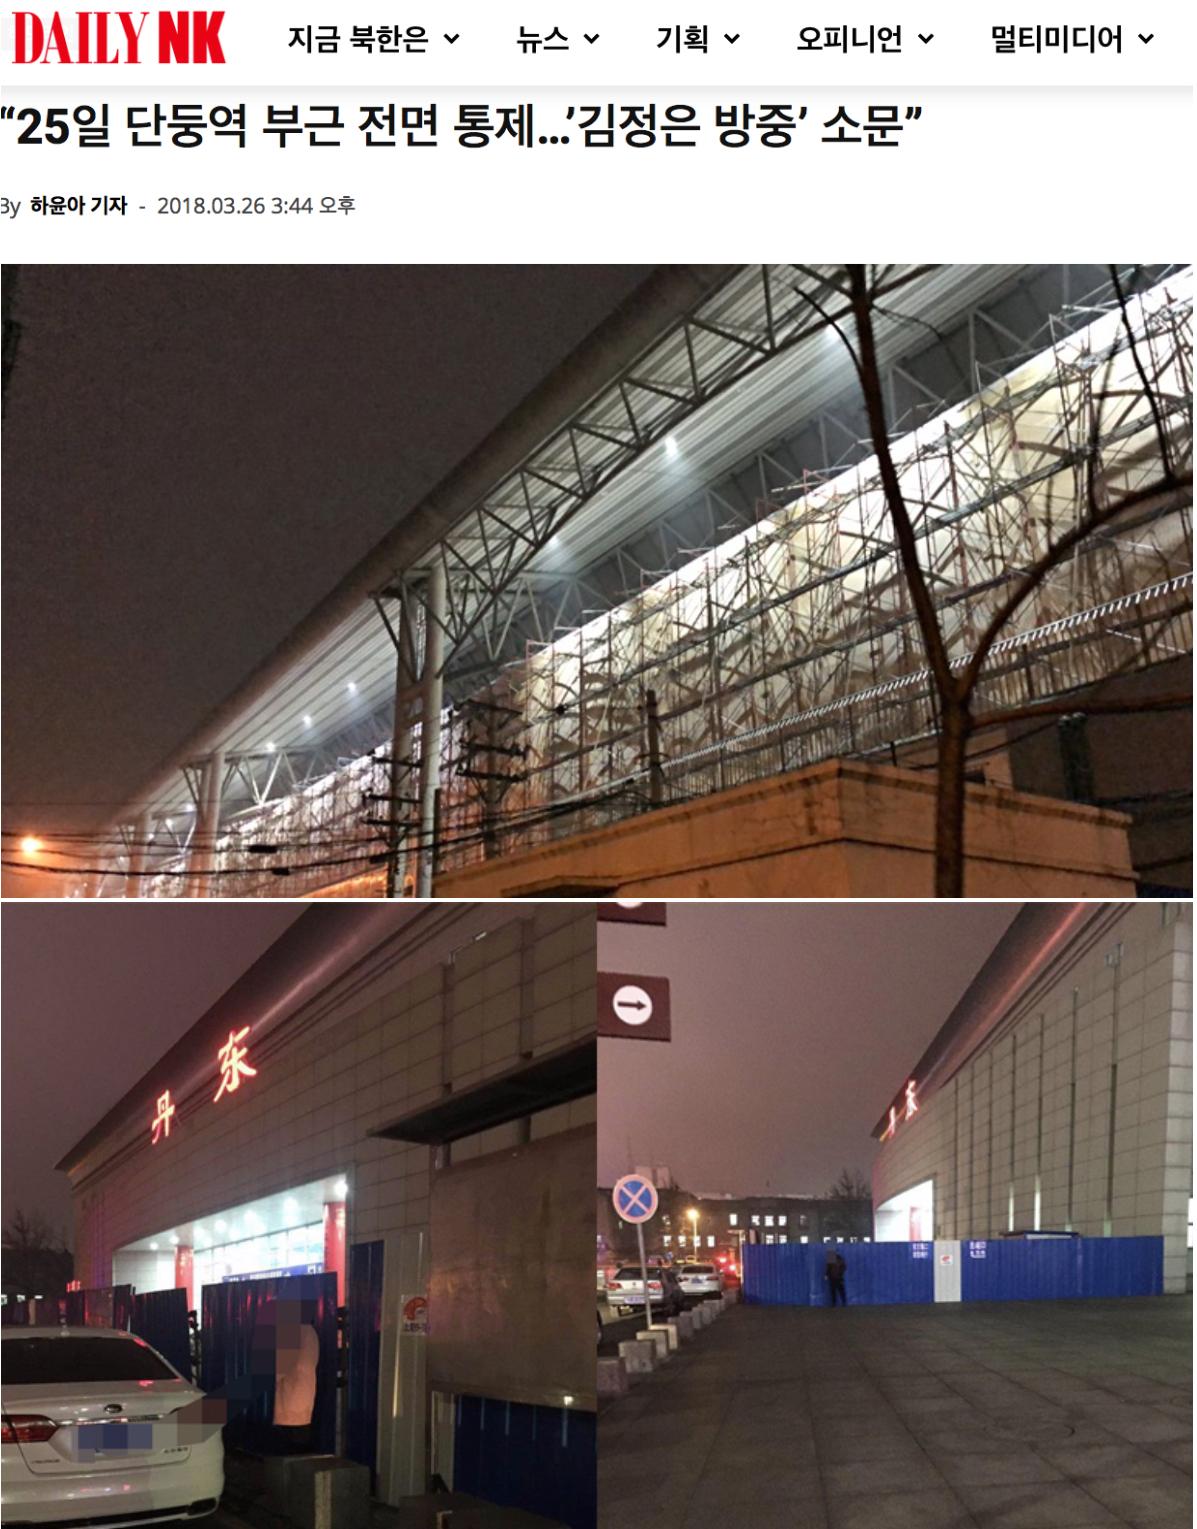 丹東一周前在中朝鐵路上採取特別措施,外界無法看到北韓開往中國的列車。(每日北韓網頁擷圖)